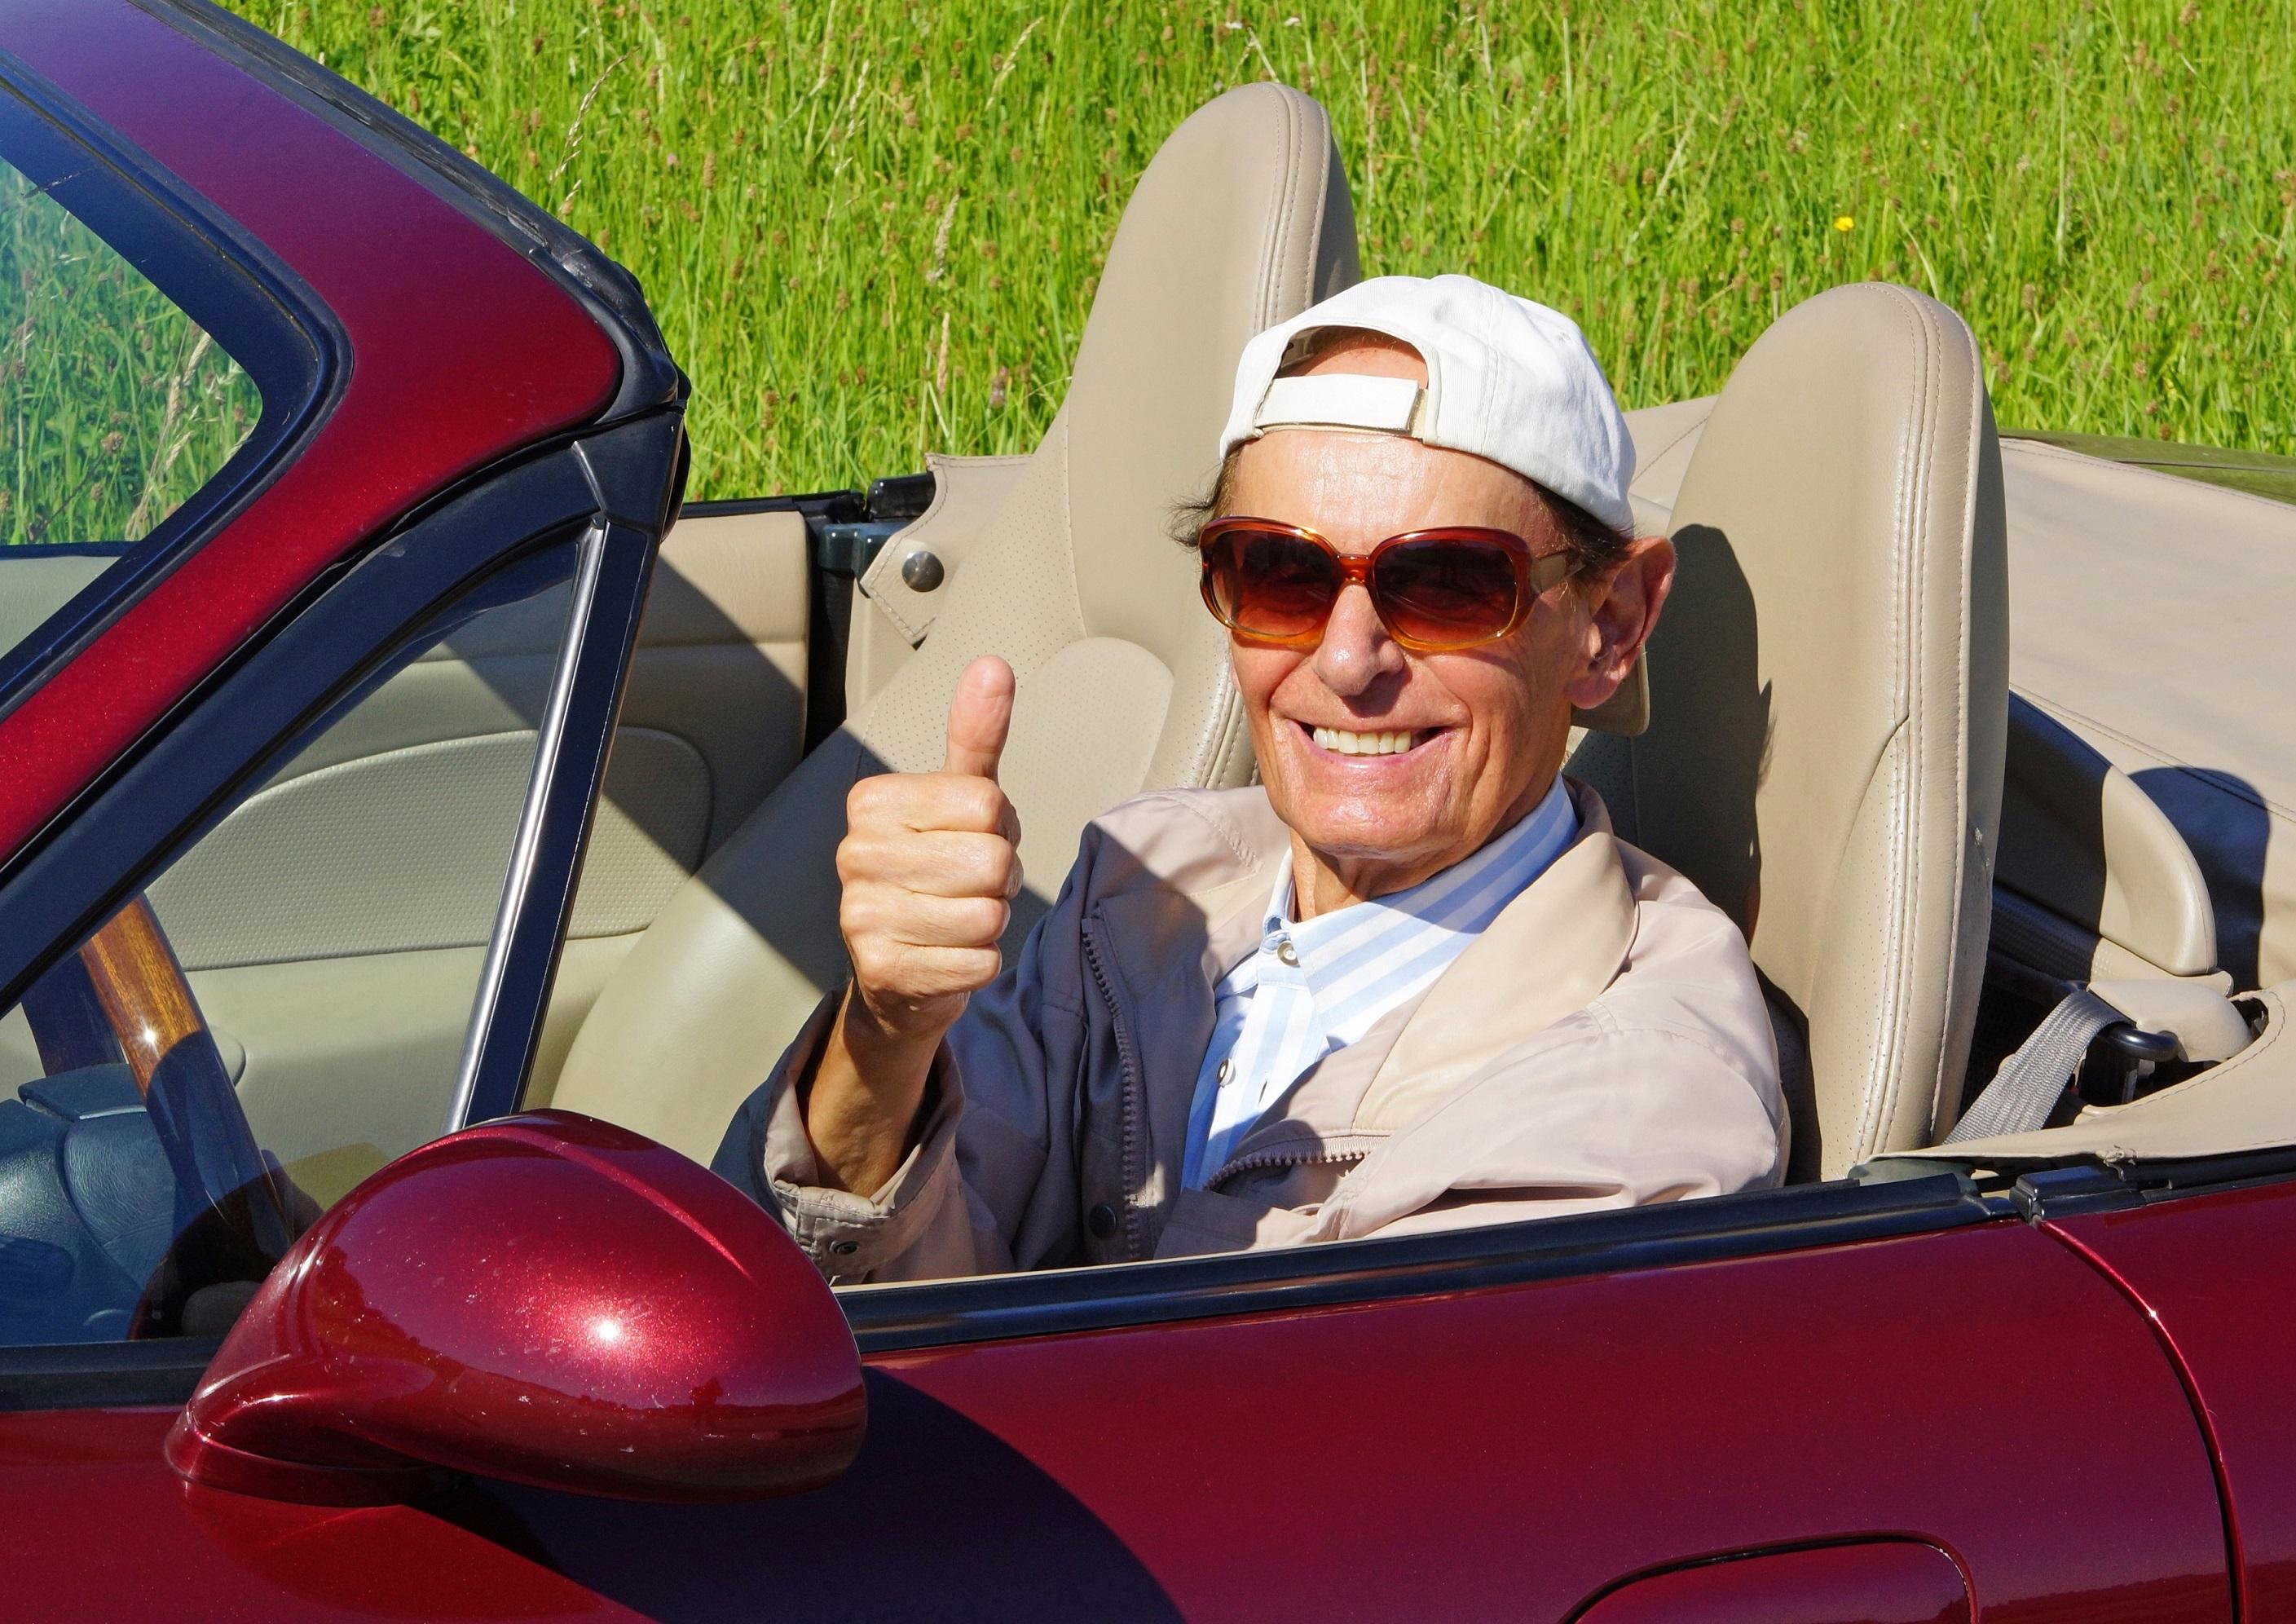 Autofahrer im Cabrio